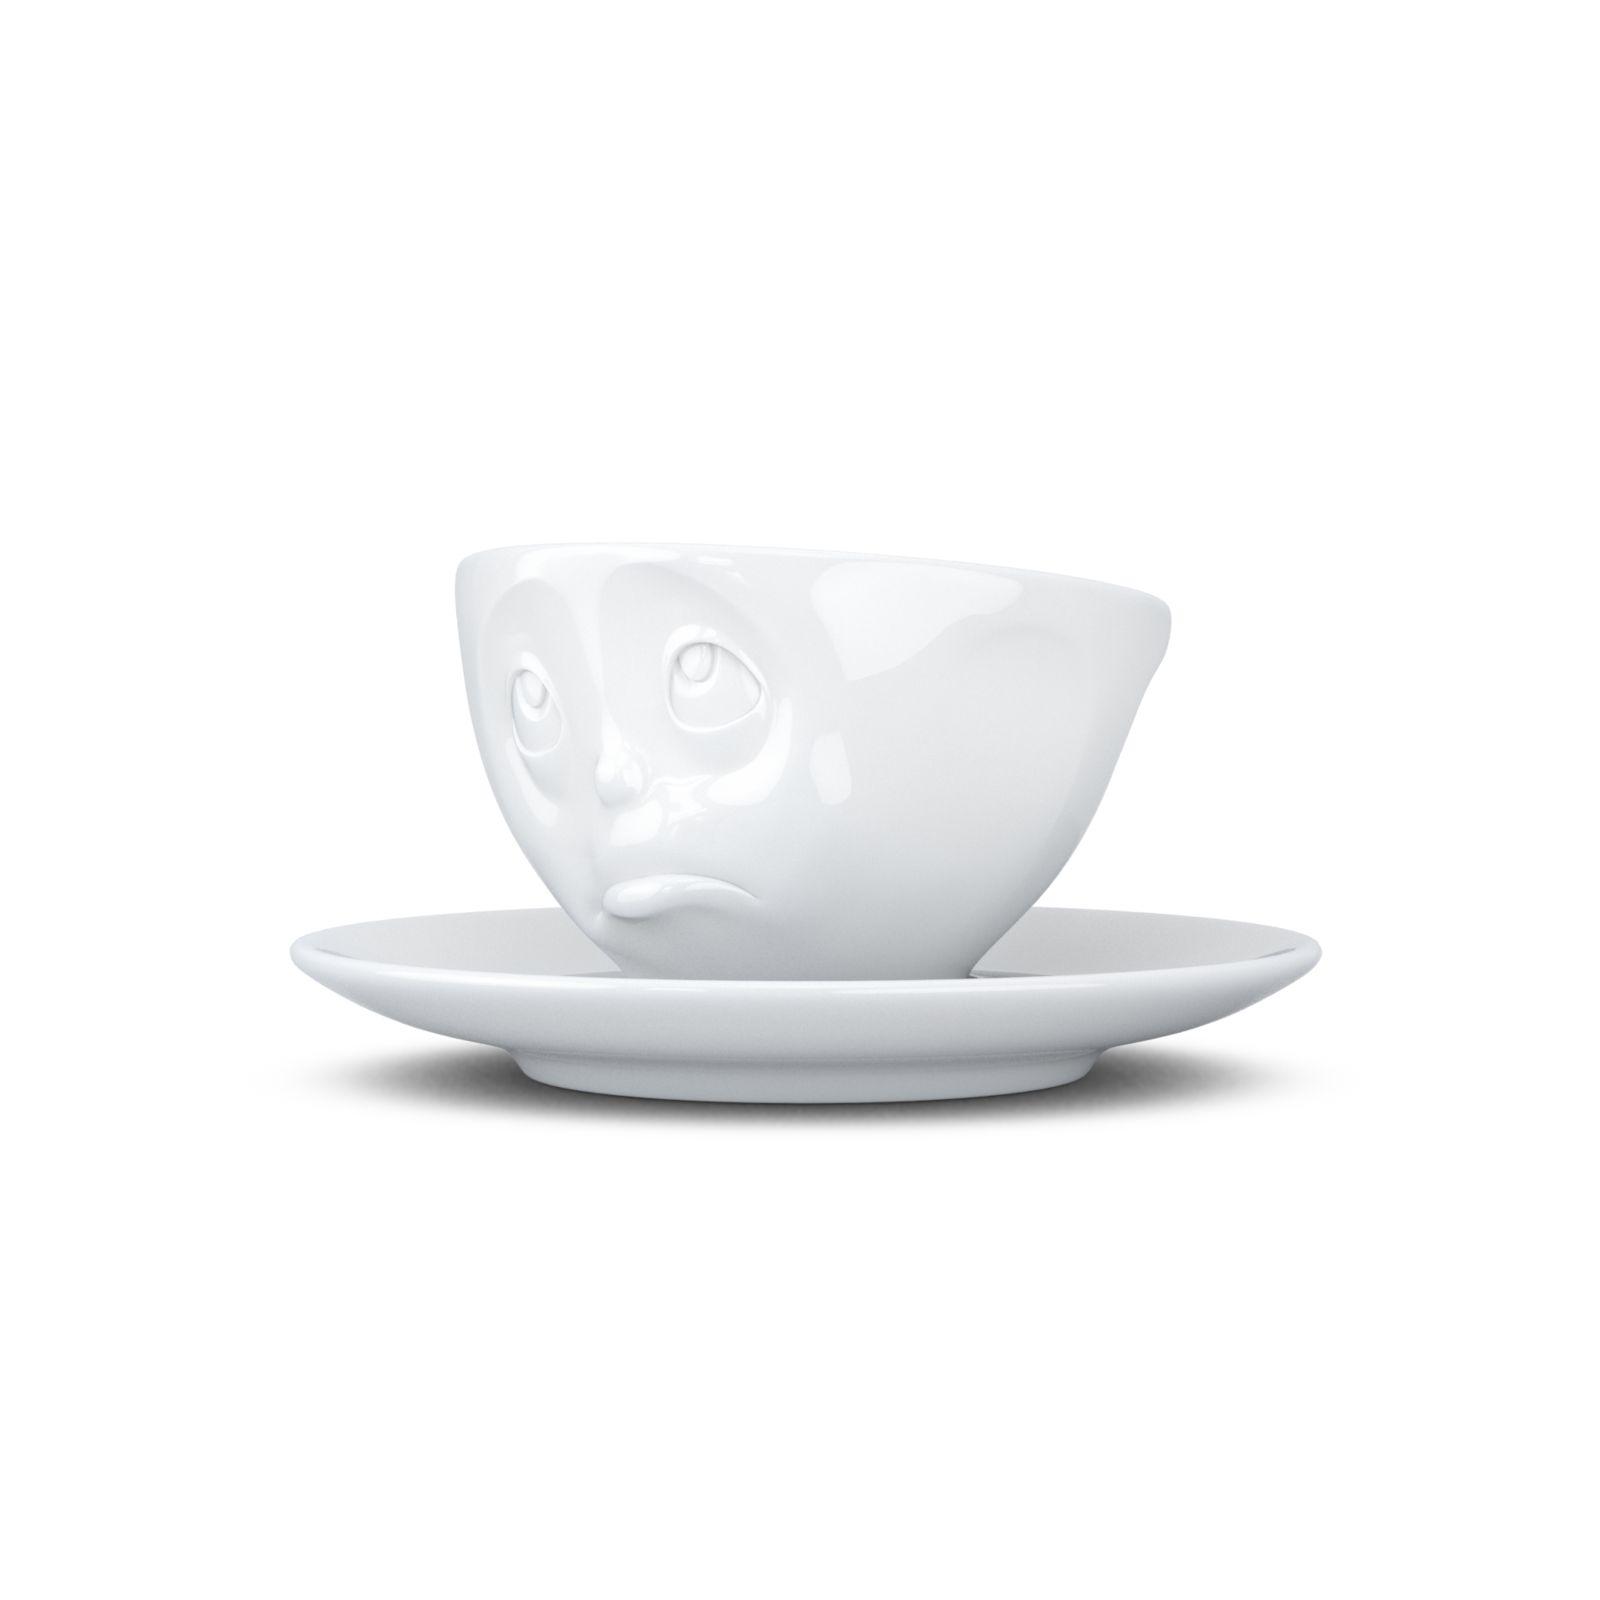 tassen espresso coffee cup saucer mug grinning kissing. Black Bedroom Furniture Sets. Home Design Ideas